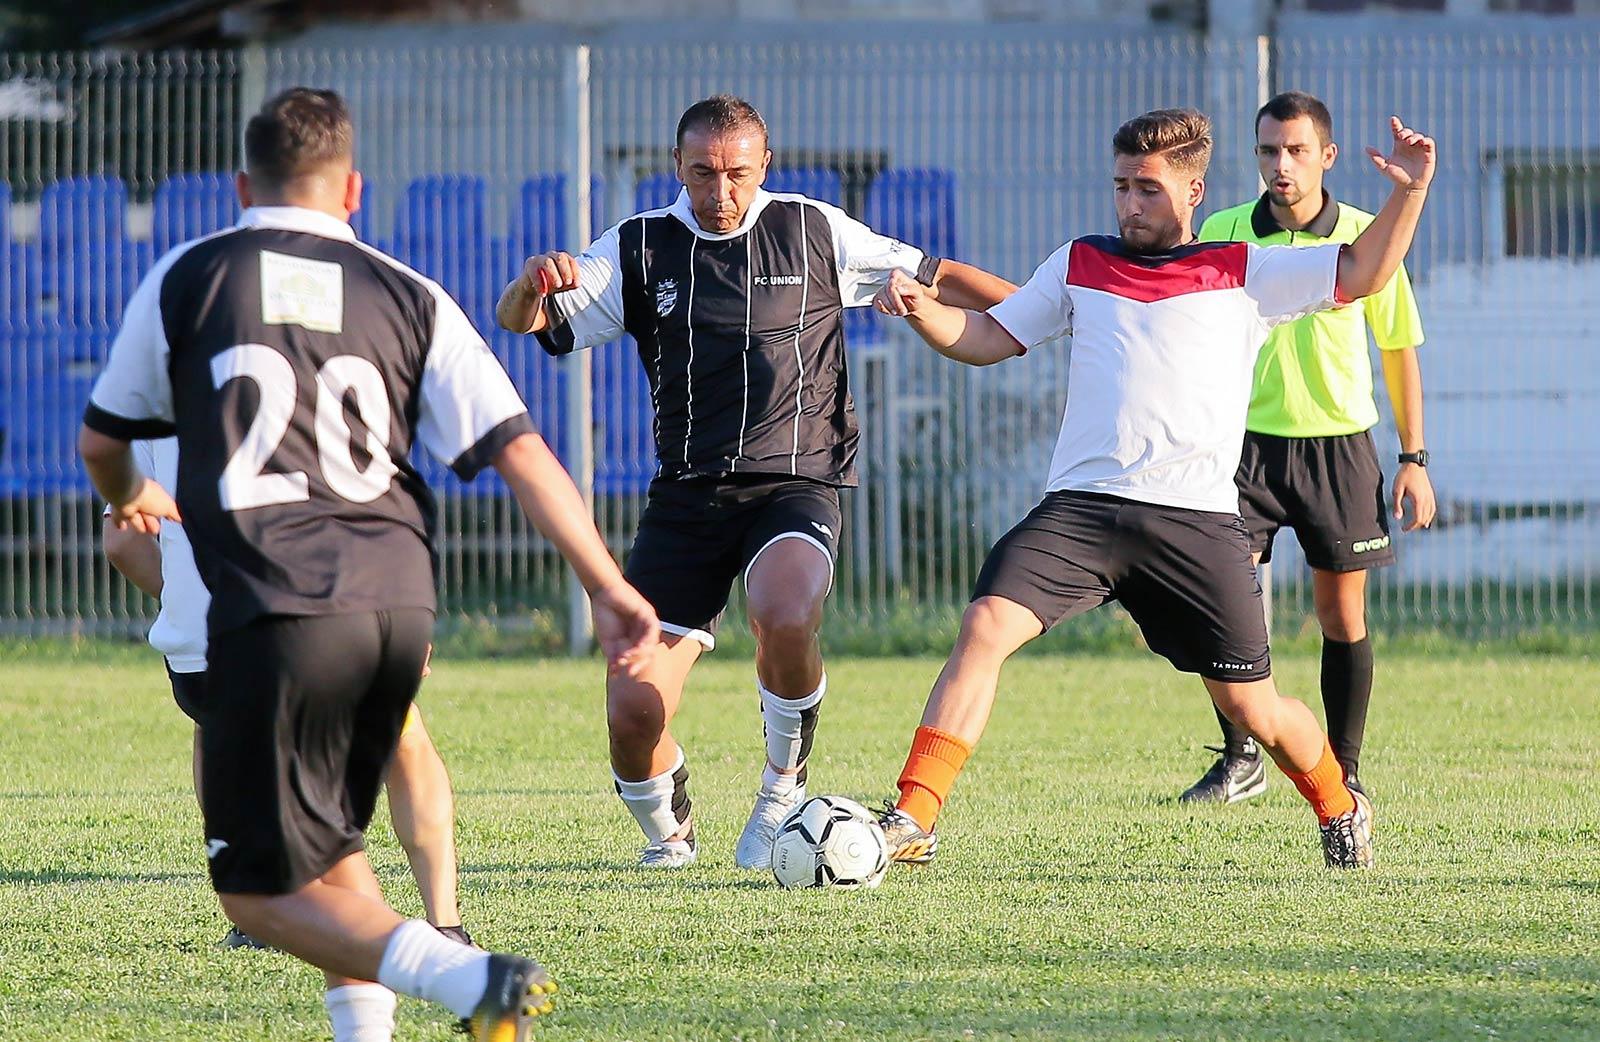 ACS Sportul Măgurele - FC Union 4-3 / Leo Tănase